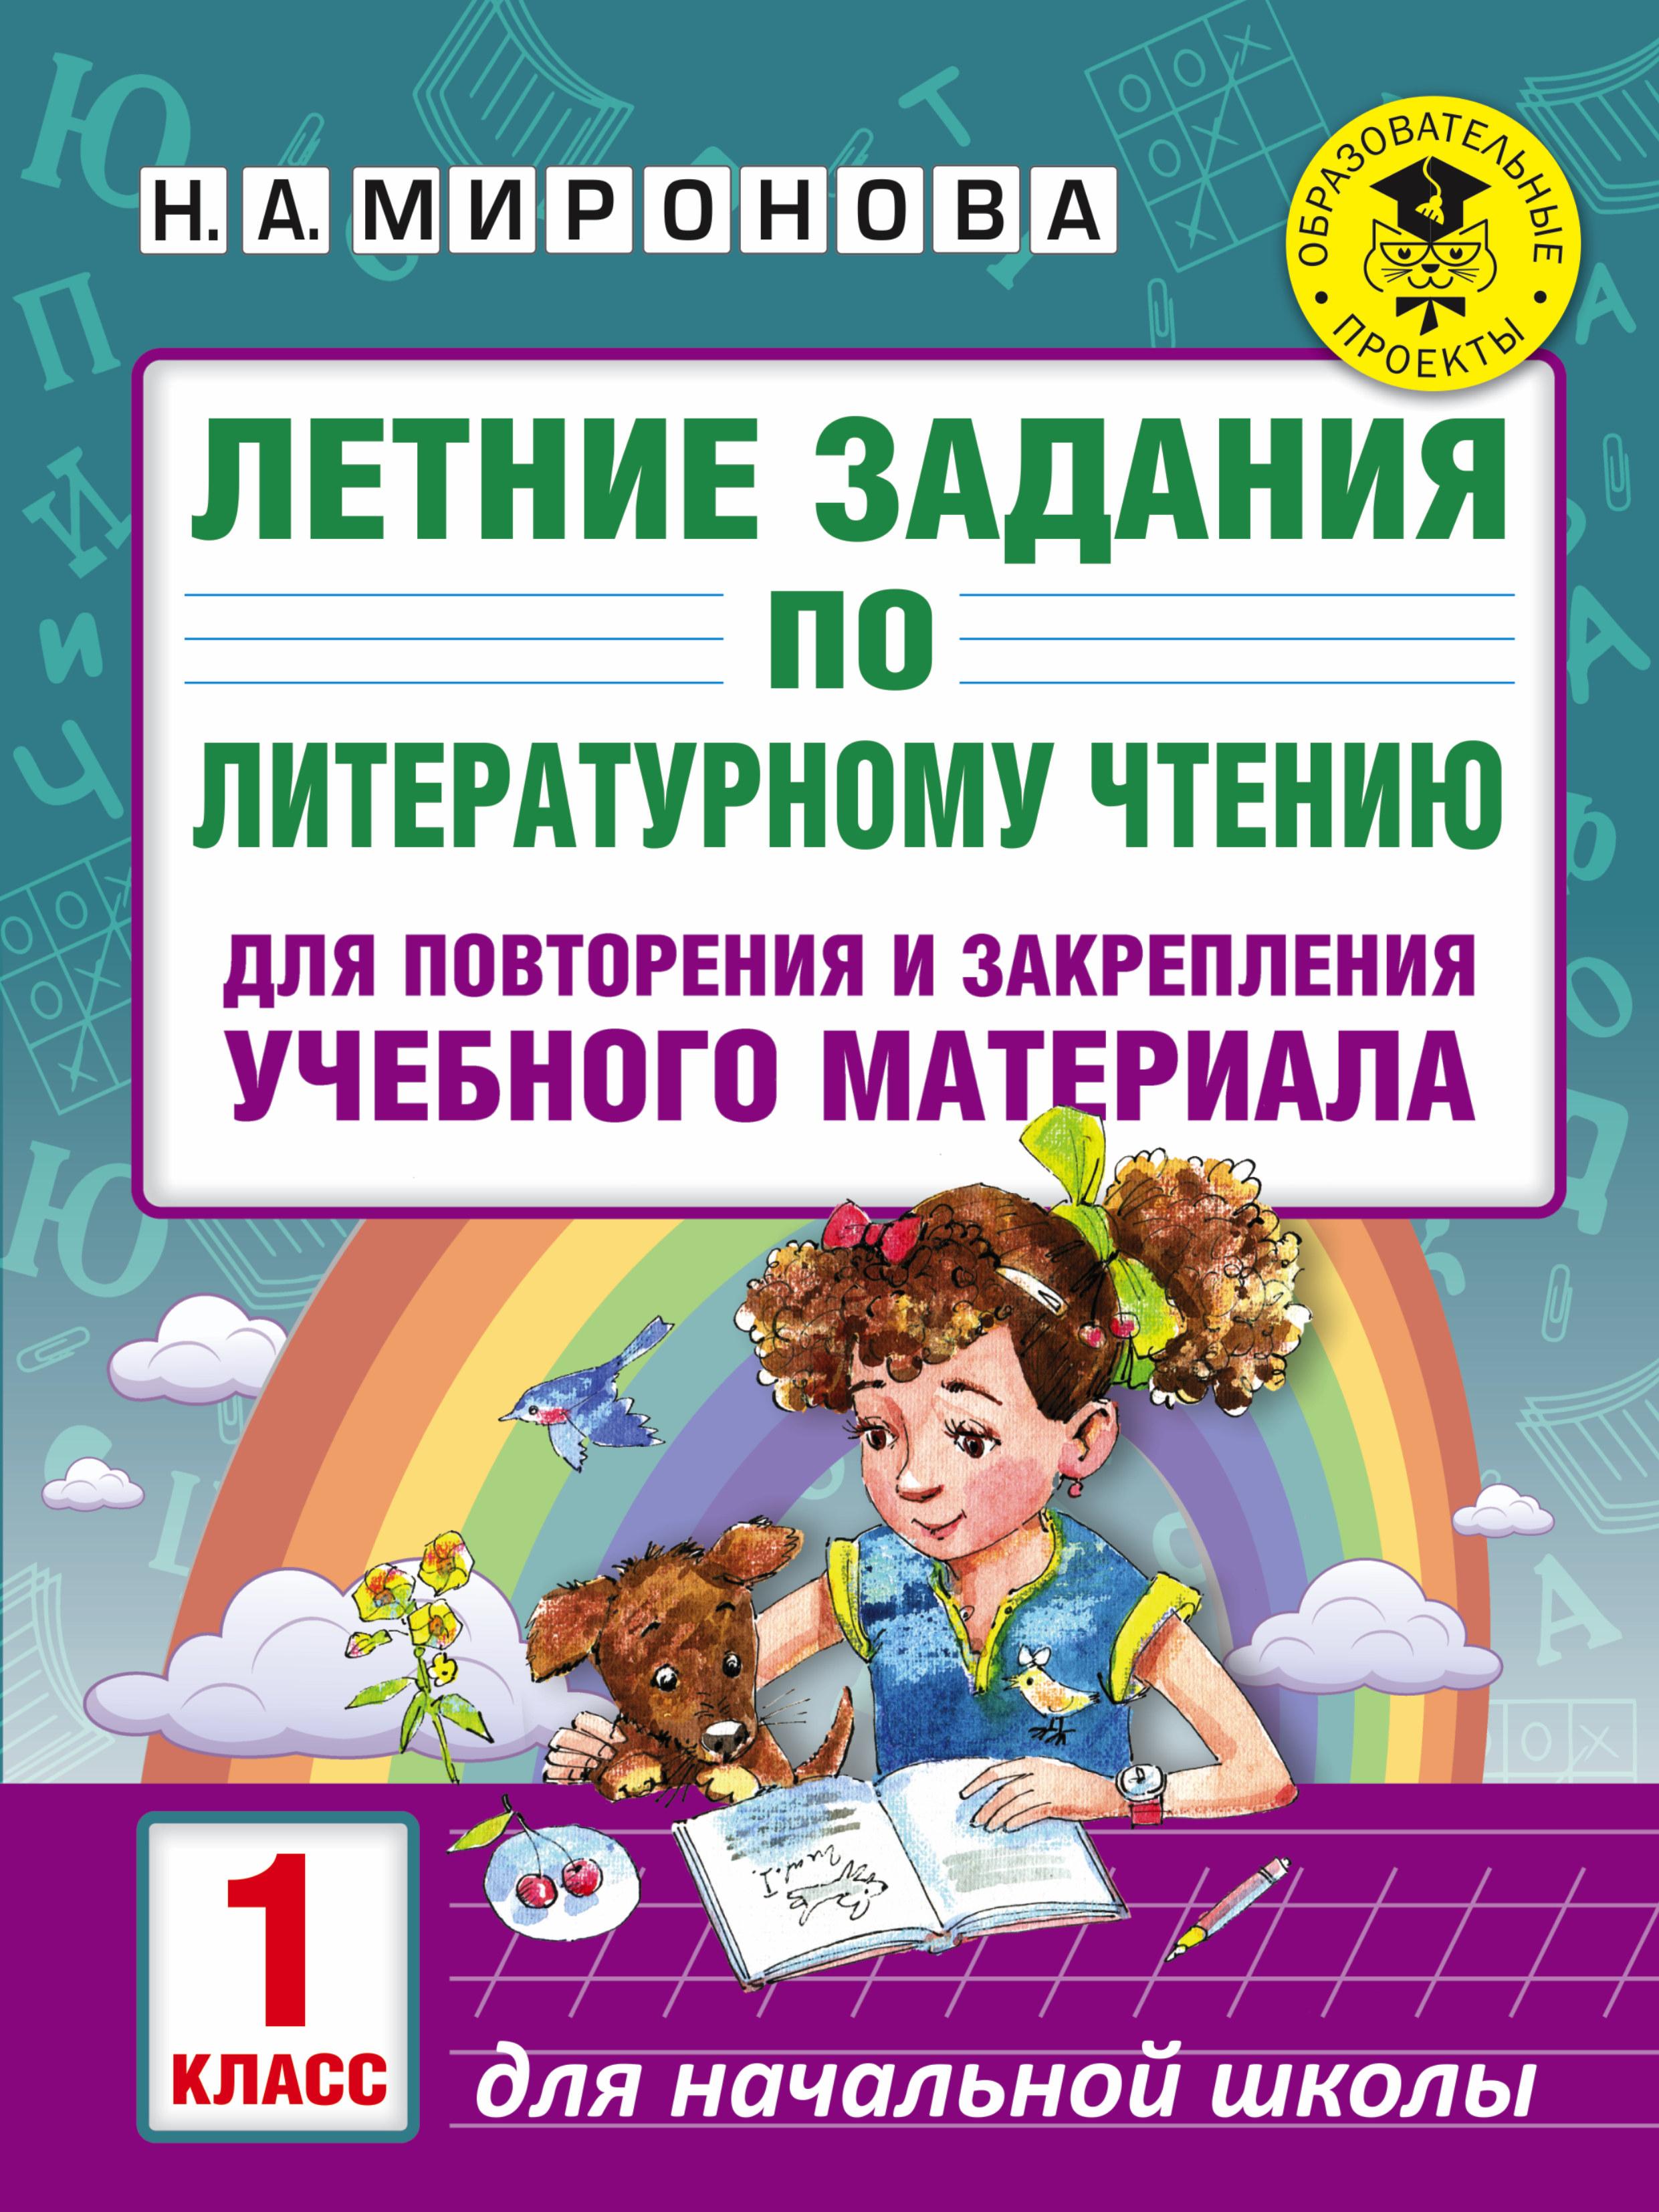 Летние задания по литературному чтению для повторения и закрепления учебного материала. 1 класс ( Миронова Н.А.  )